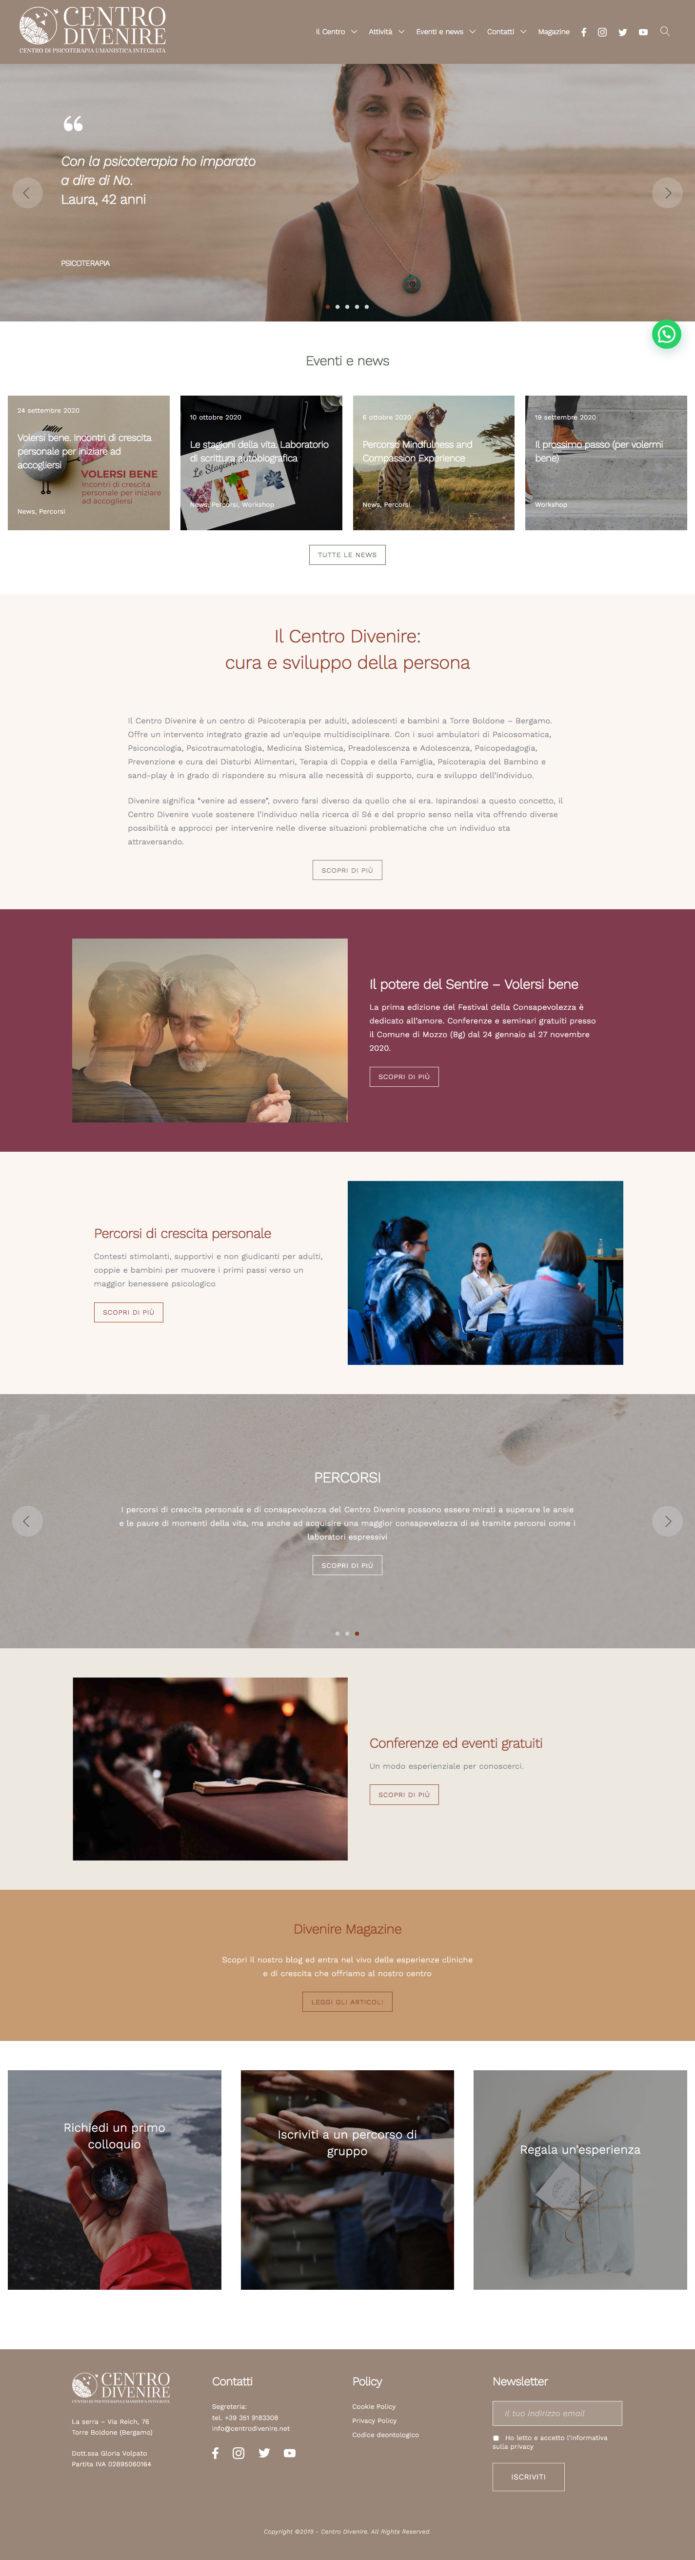 Interaction design - sito centrodivenire.net - homepage